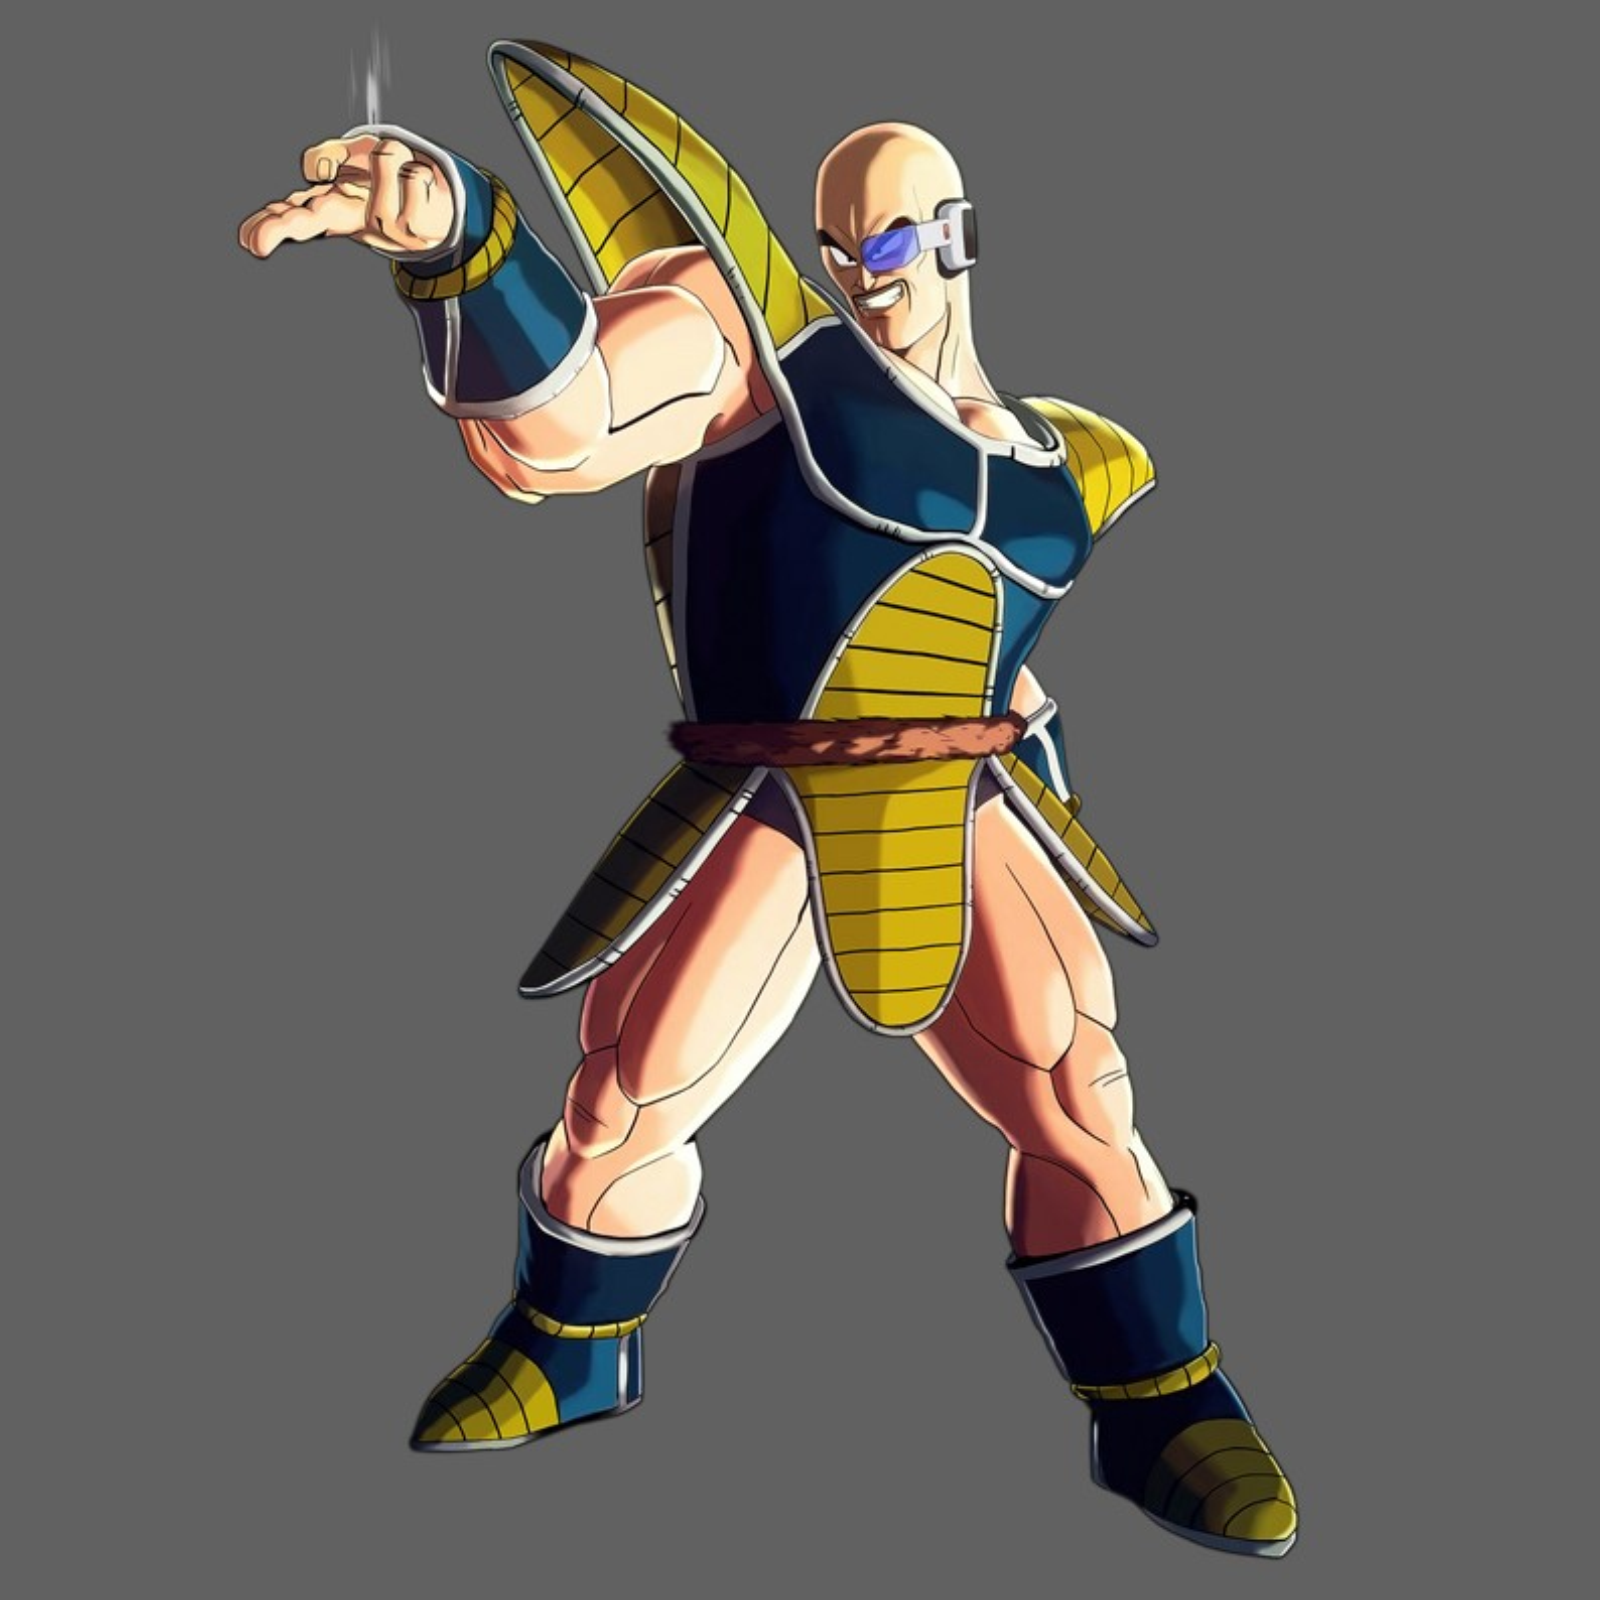 imagens Dragonball Xenoverse